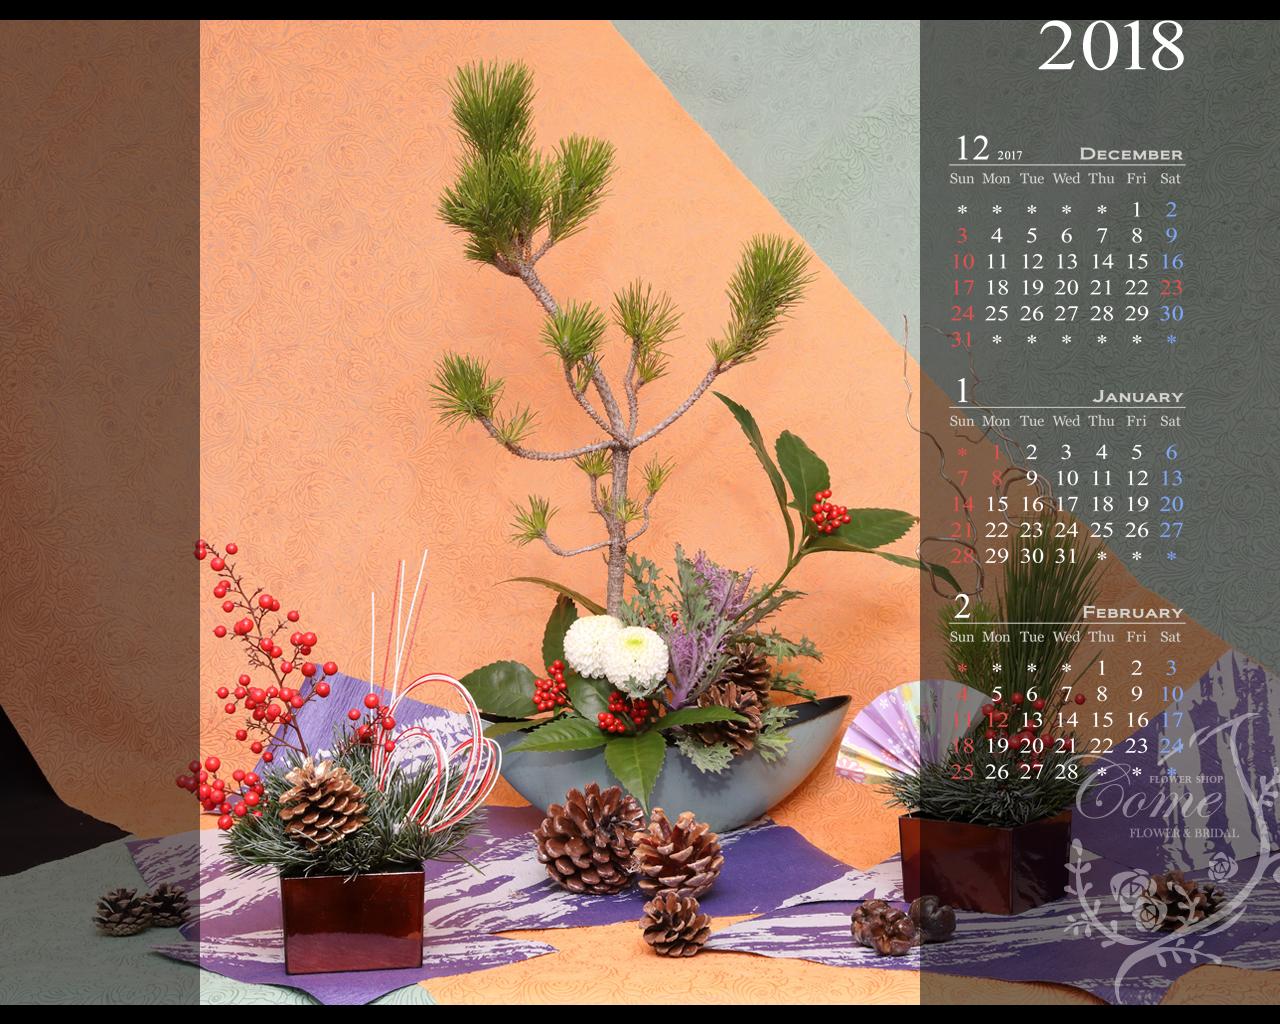 18年壁紙カレンダープレゼント 無料 花の写真を使った壁紙カレンダーを無料でダウンロード フラワーショップ花夢